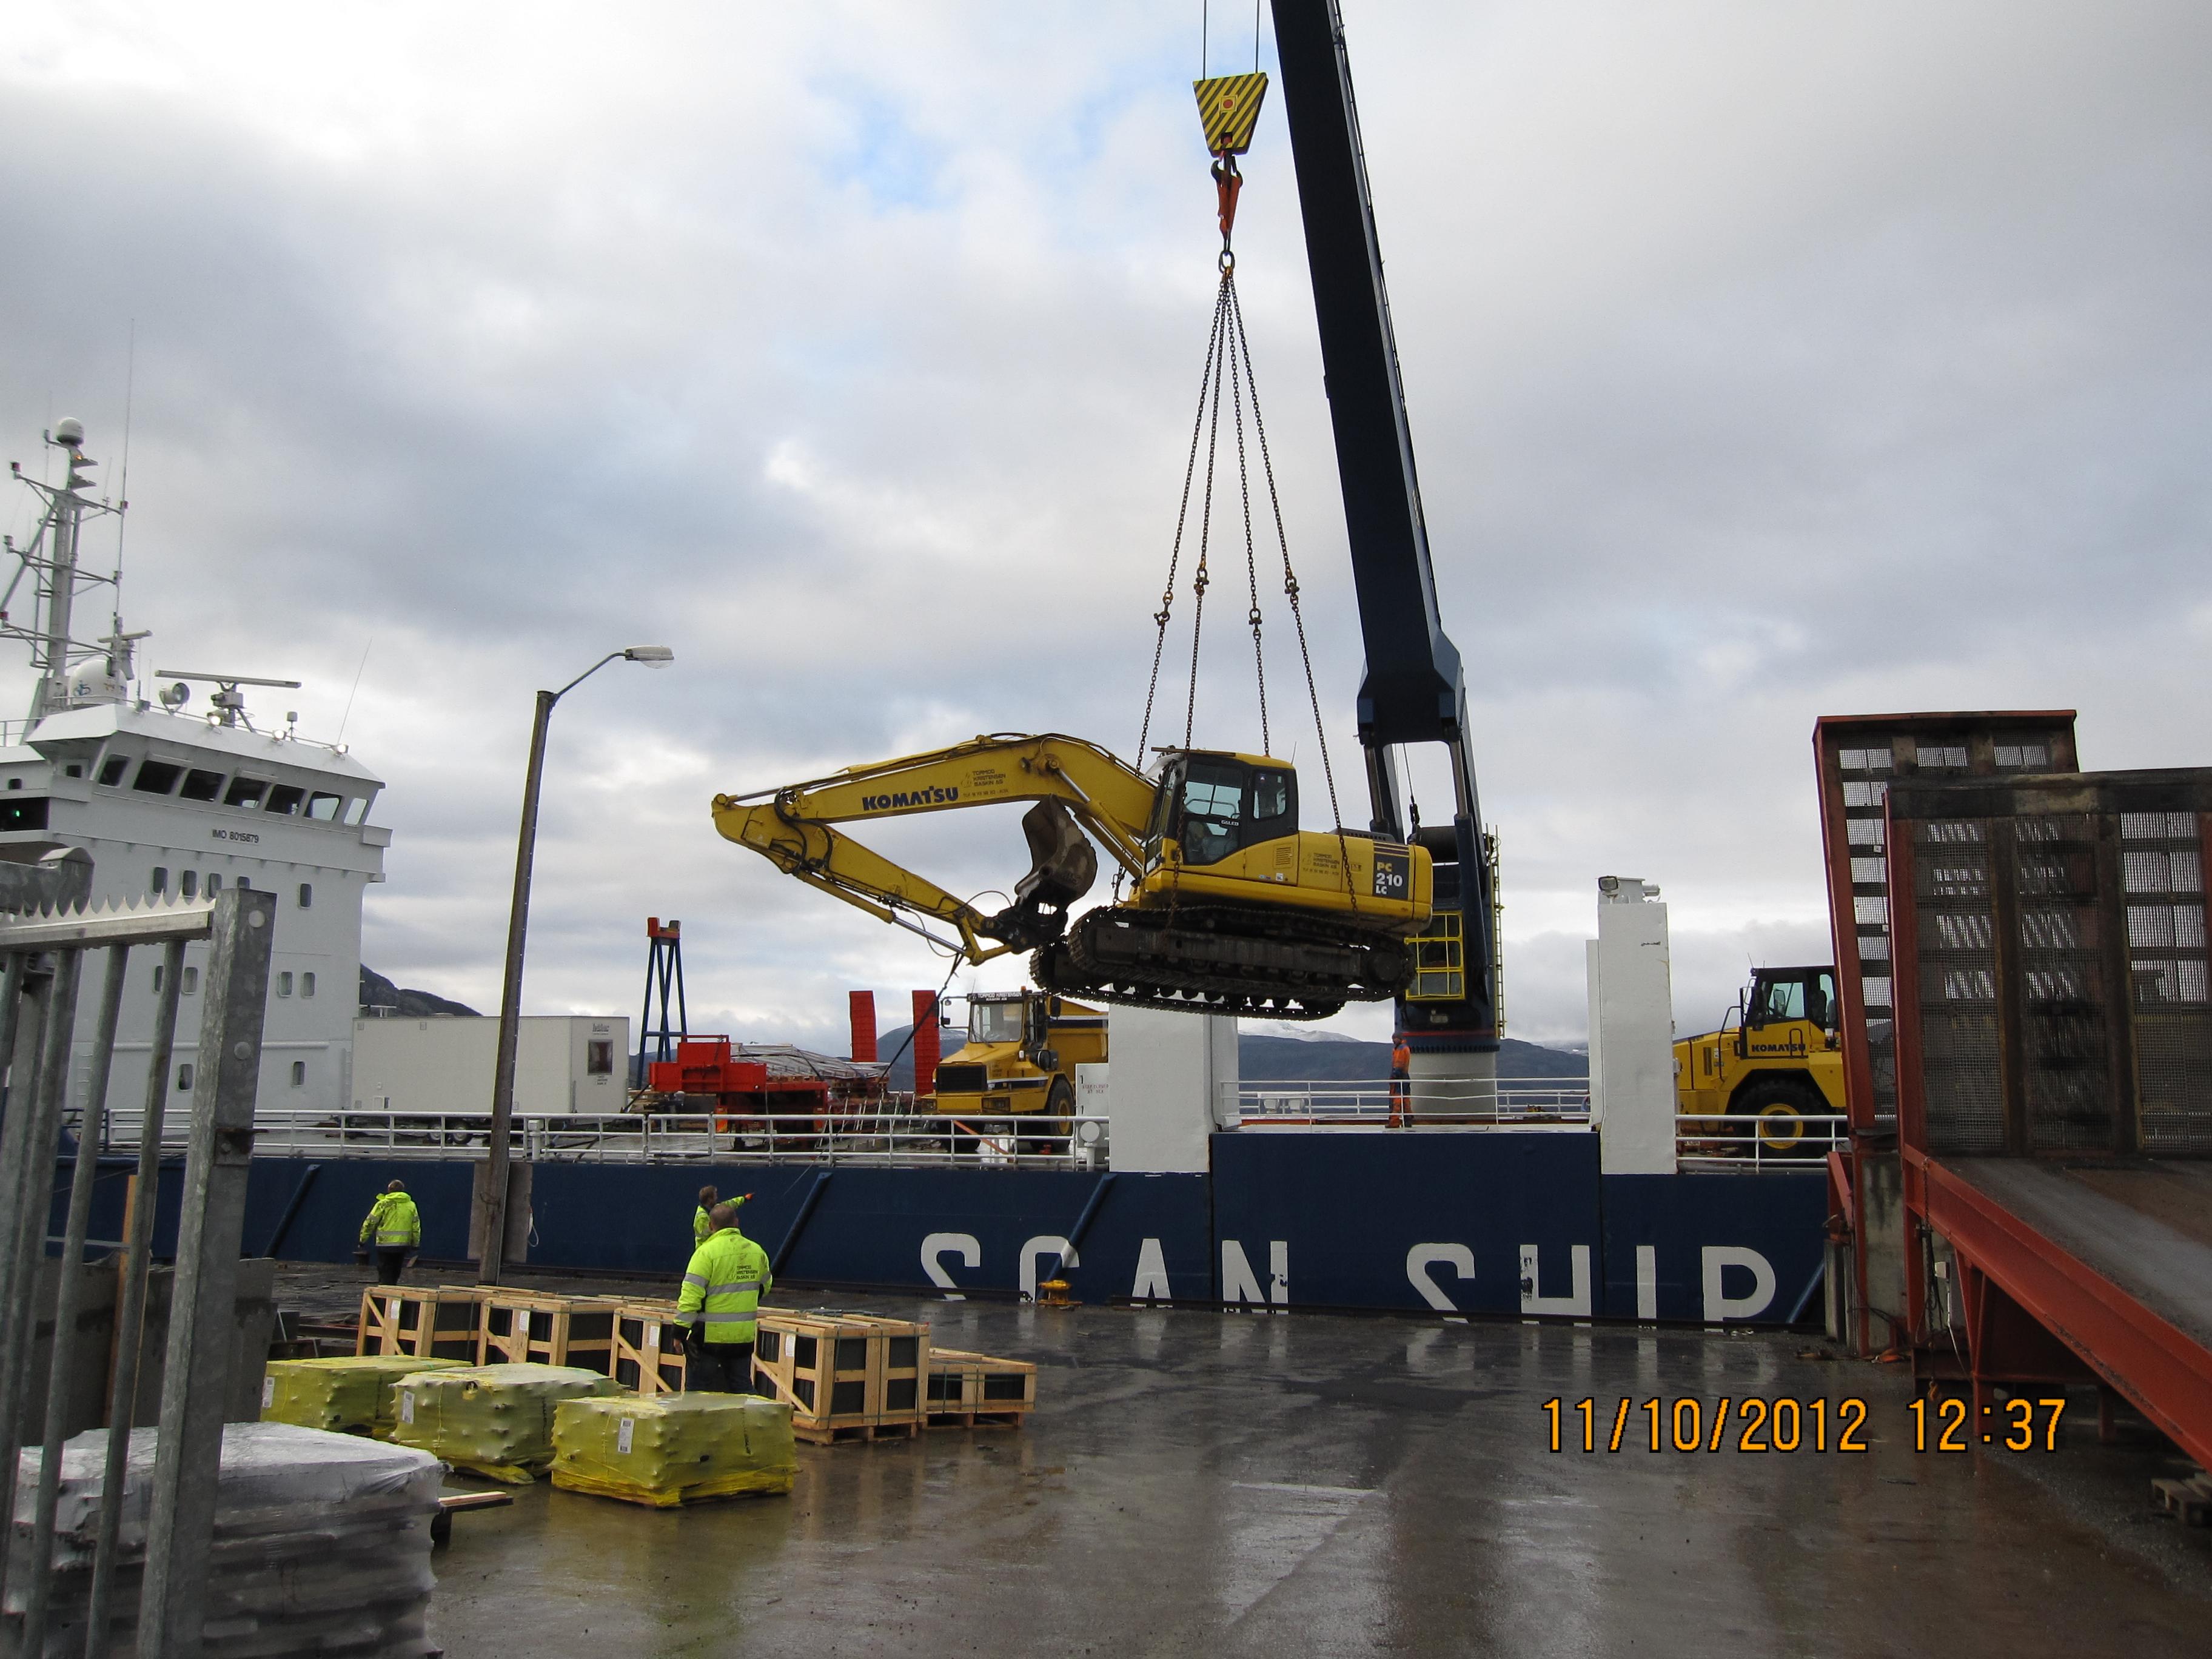 Komatsu 210, veier 23 tonn